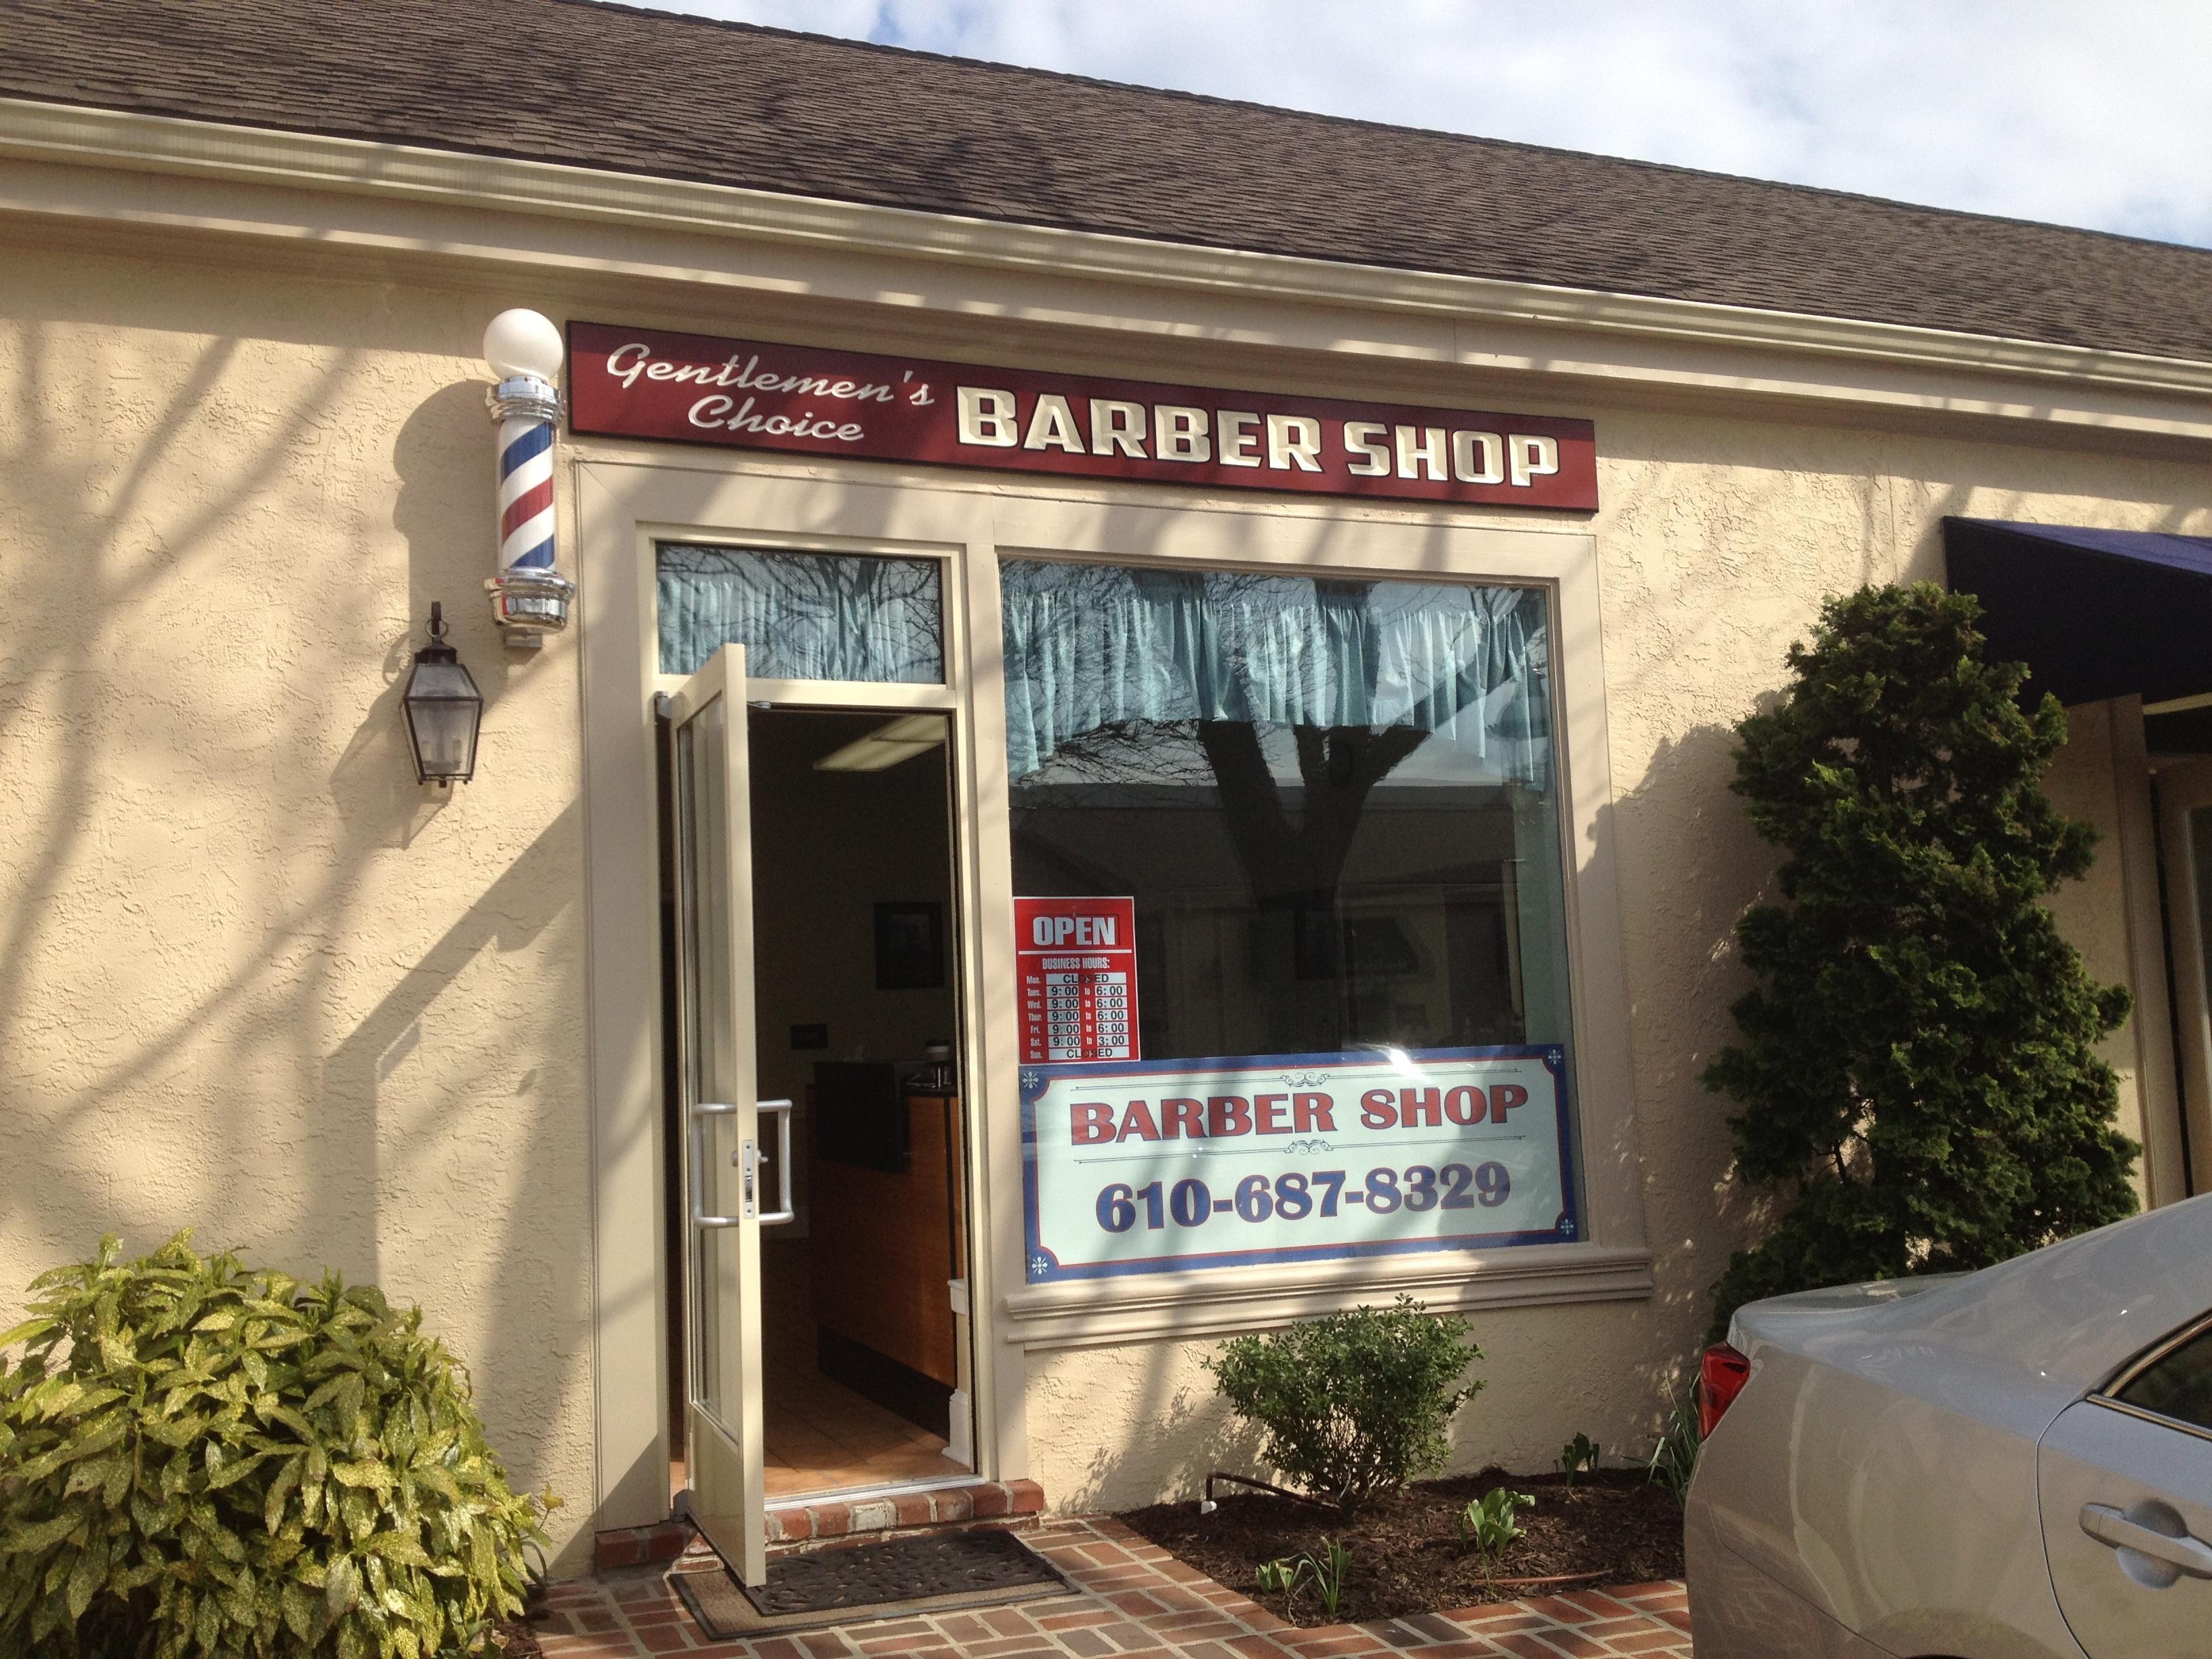 Gentlemen's Choice Barber Shop image 0